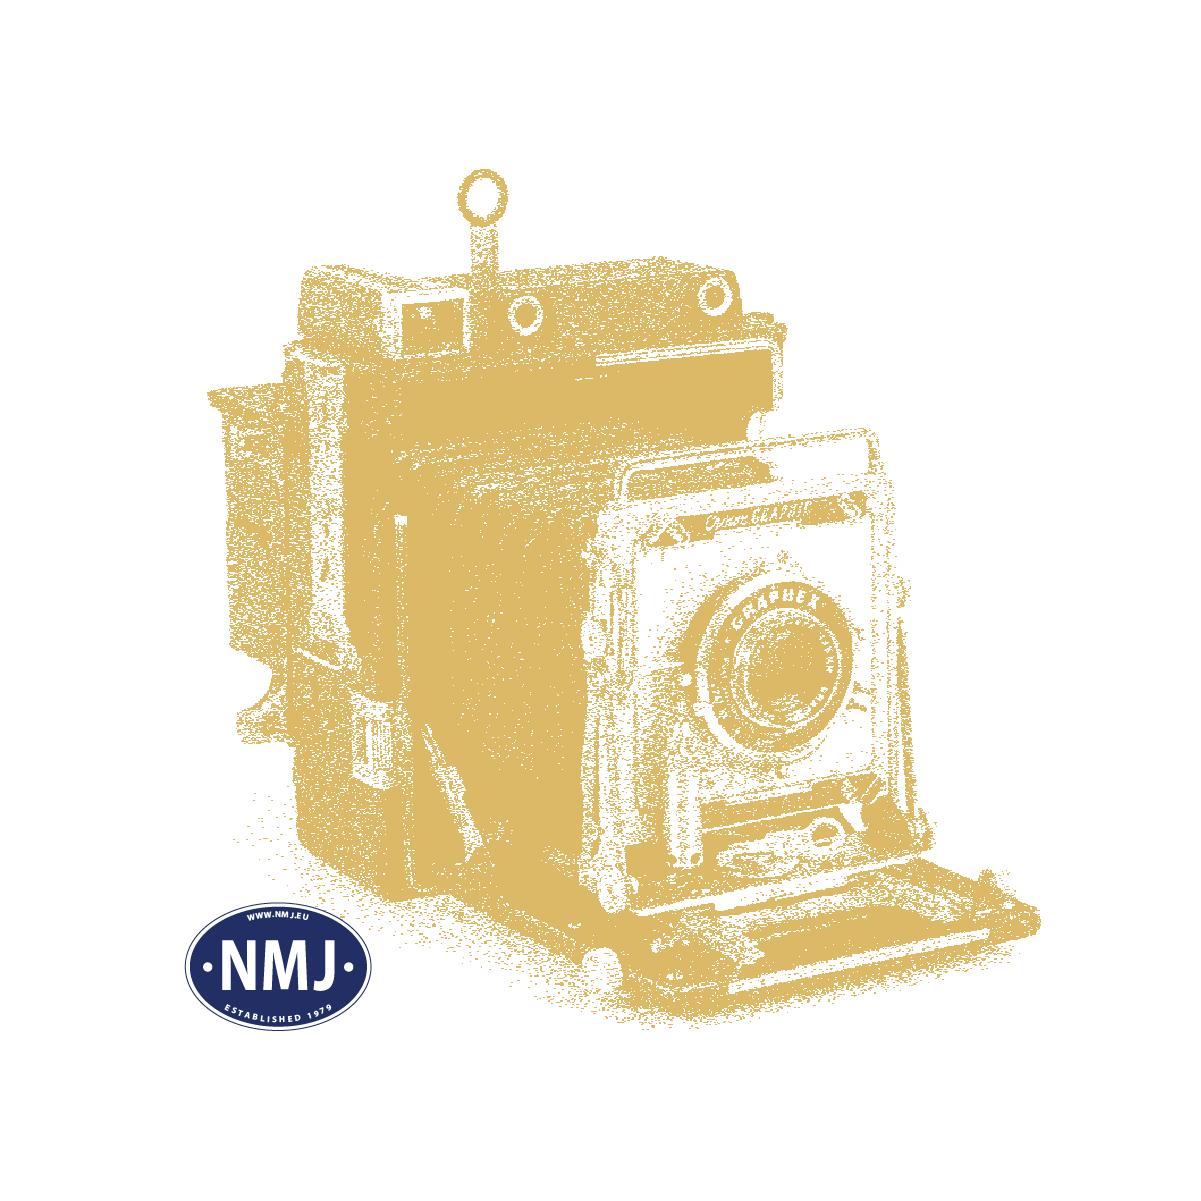 NMJV002 - NMJ DVD - Finseanlegget